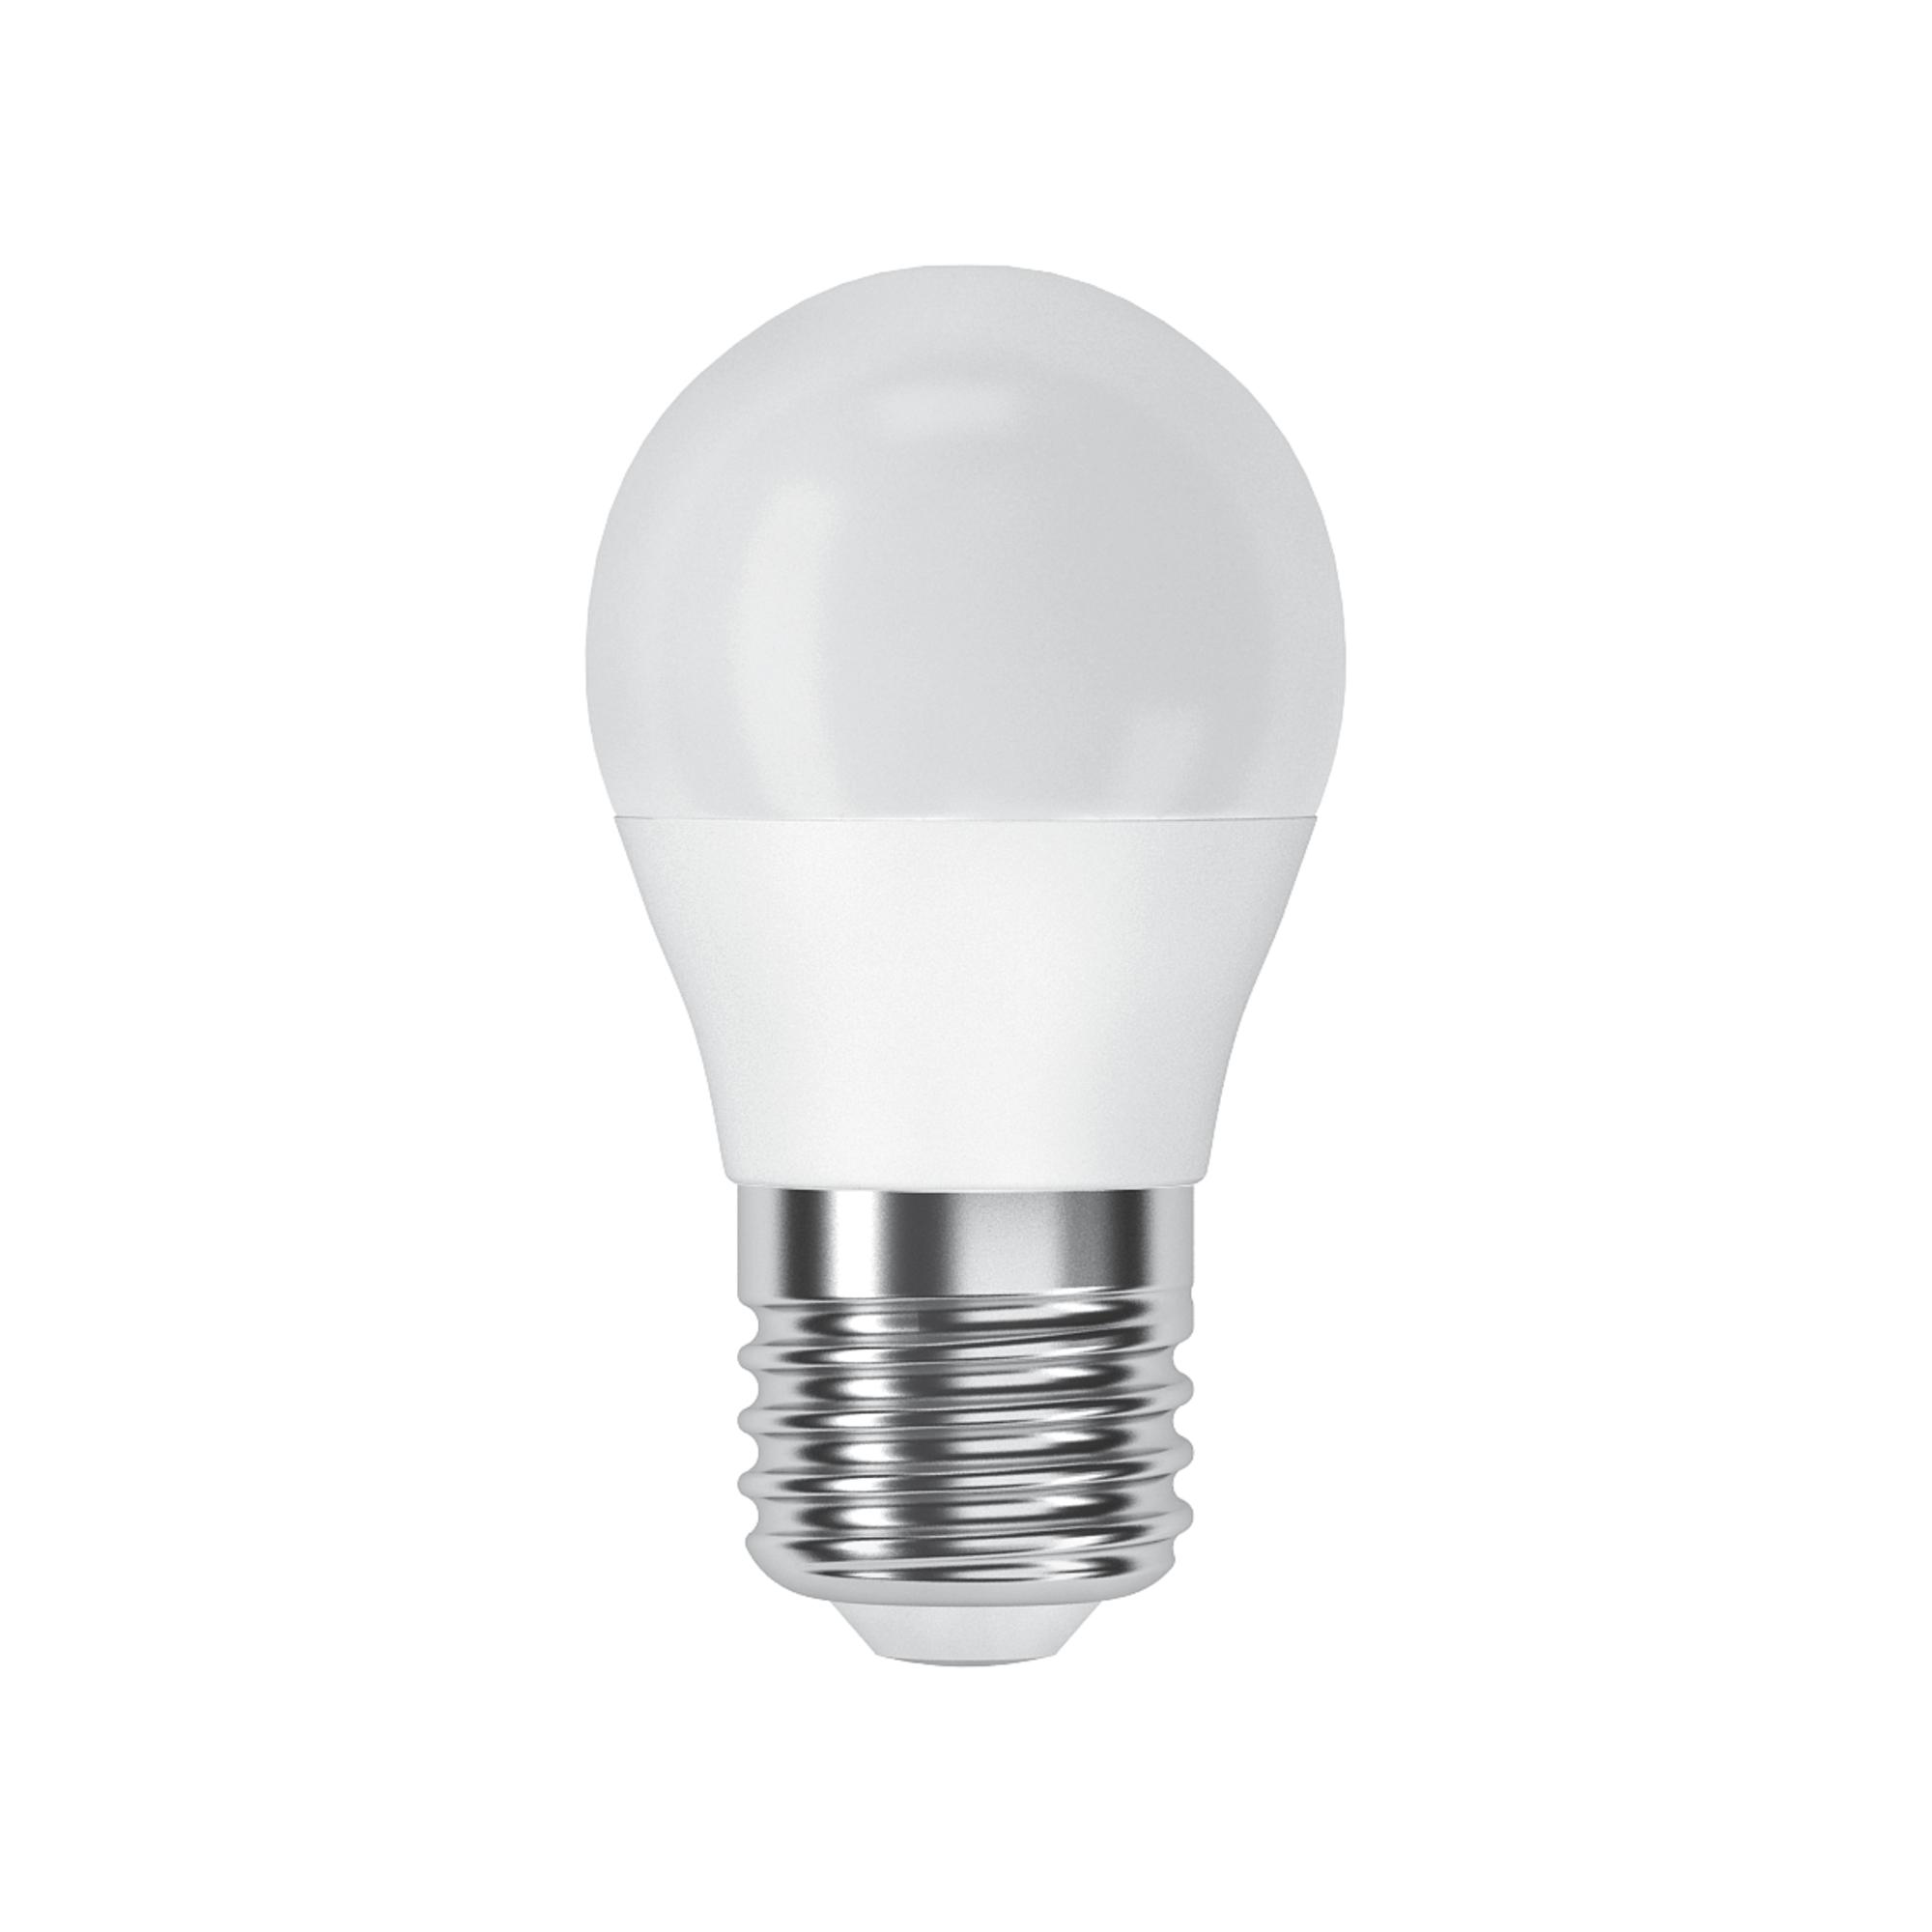 Светодиодная лампочка Фотон 23759 E27 760 Лм 8 Вт